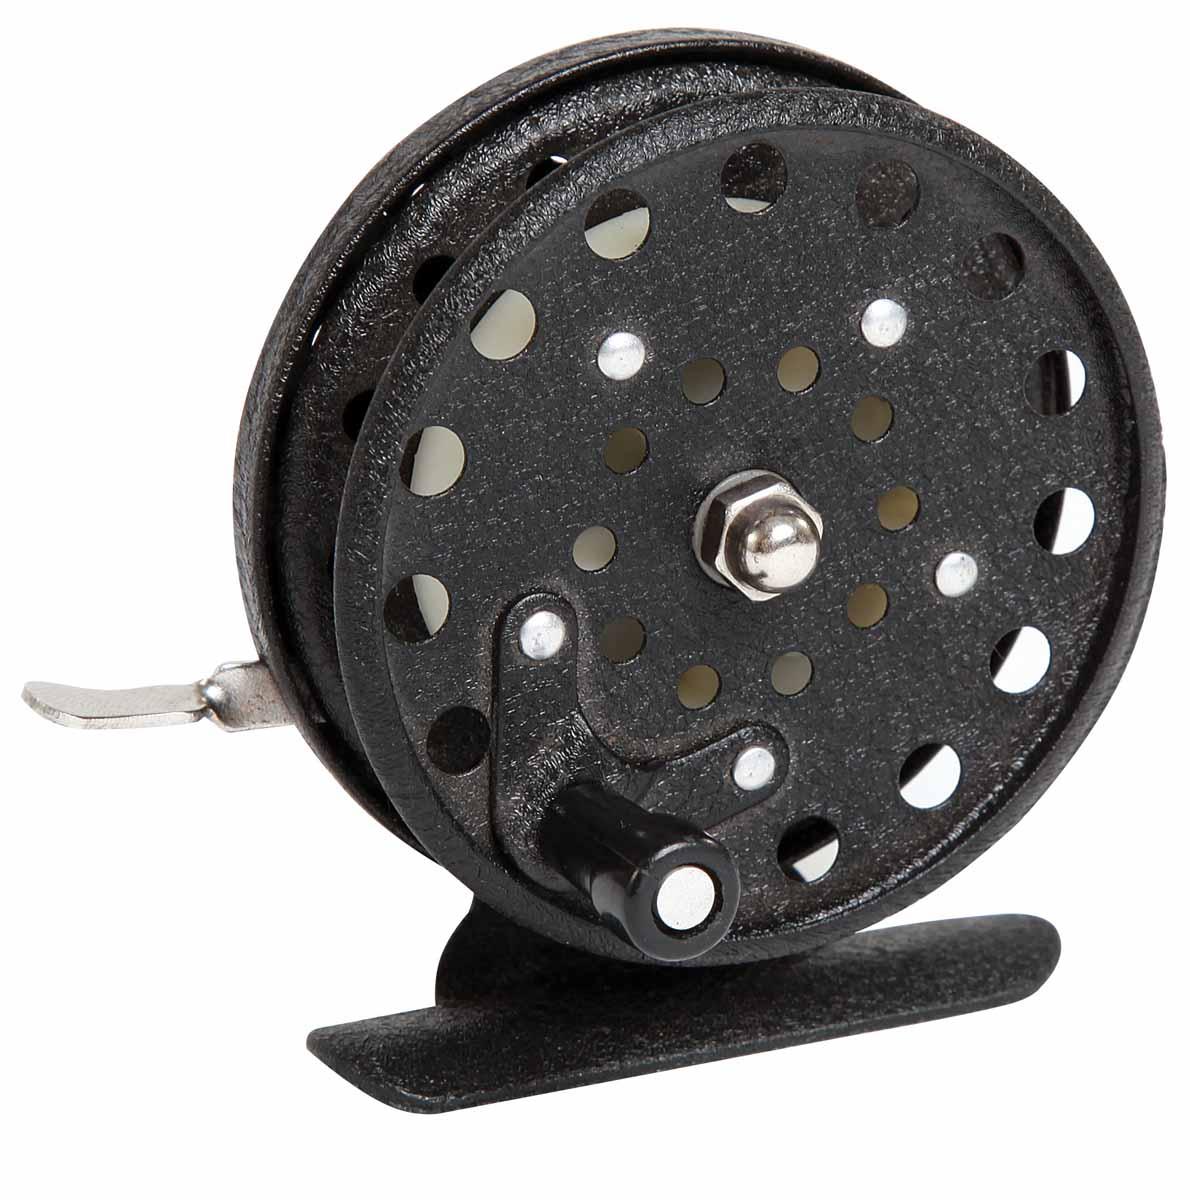 Катушка проводочная Salmo Ice, диаметр 65 ммM1020Проводочная катушка Salmo Ice выполнена из высококачественного металла, что обеспечивает ей долгий срок эксплуатации. Предназначена для ловли на поплавочную удочку и нахлыста. Изделие оснащено клавишным тормозом.Диаметр катушки: 65 мм.Вес катушки: 90 г.